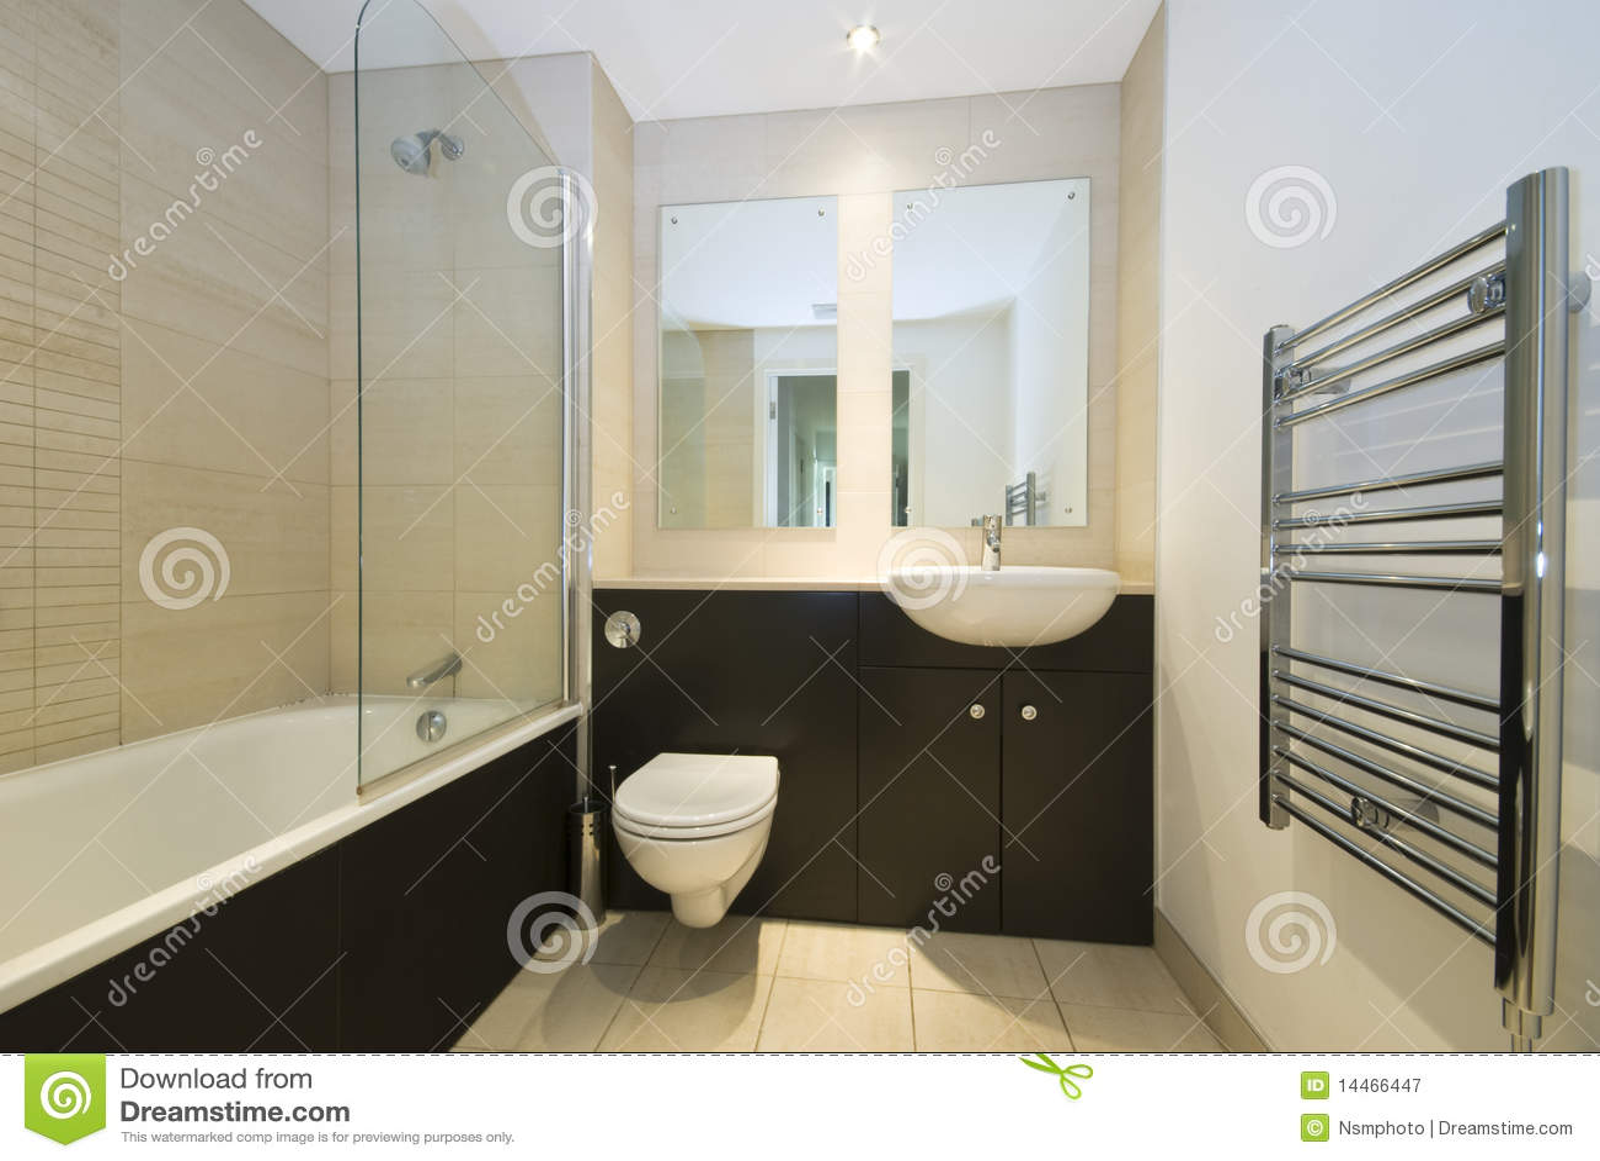 Stanza da bagno moderna della famiglia nel beige e nel - Bagno marrone e beige ...